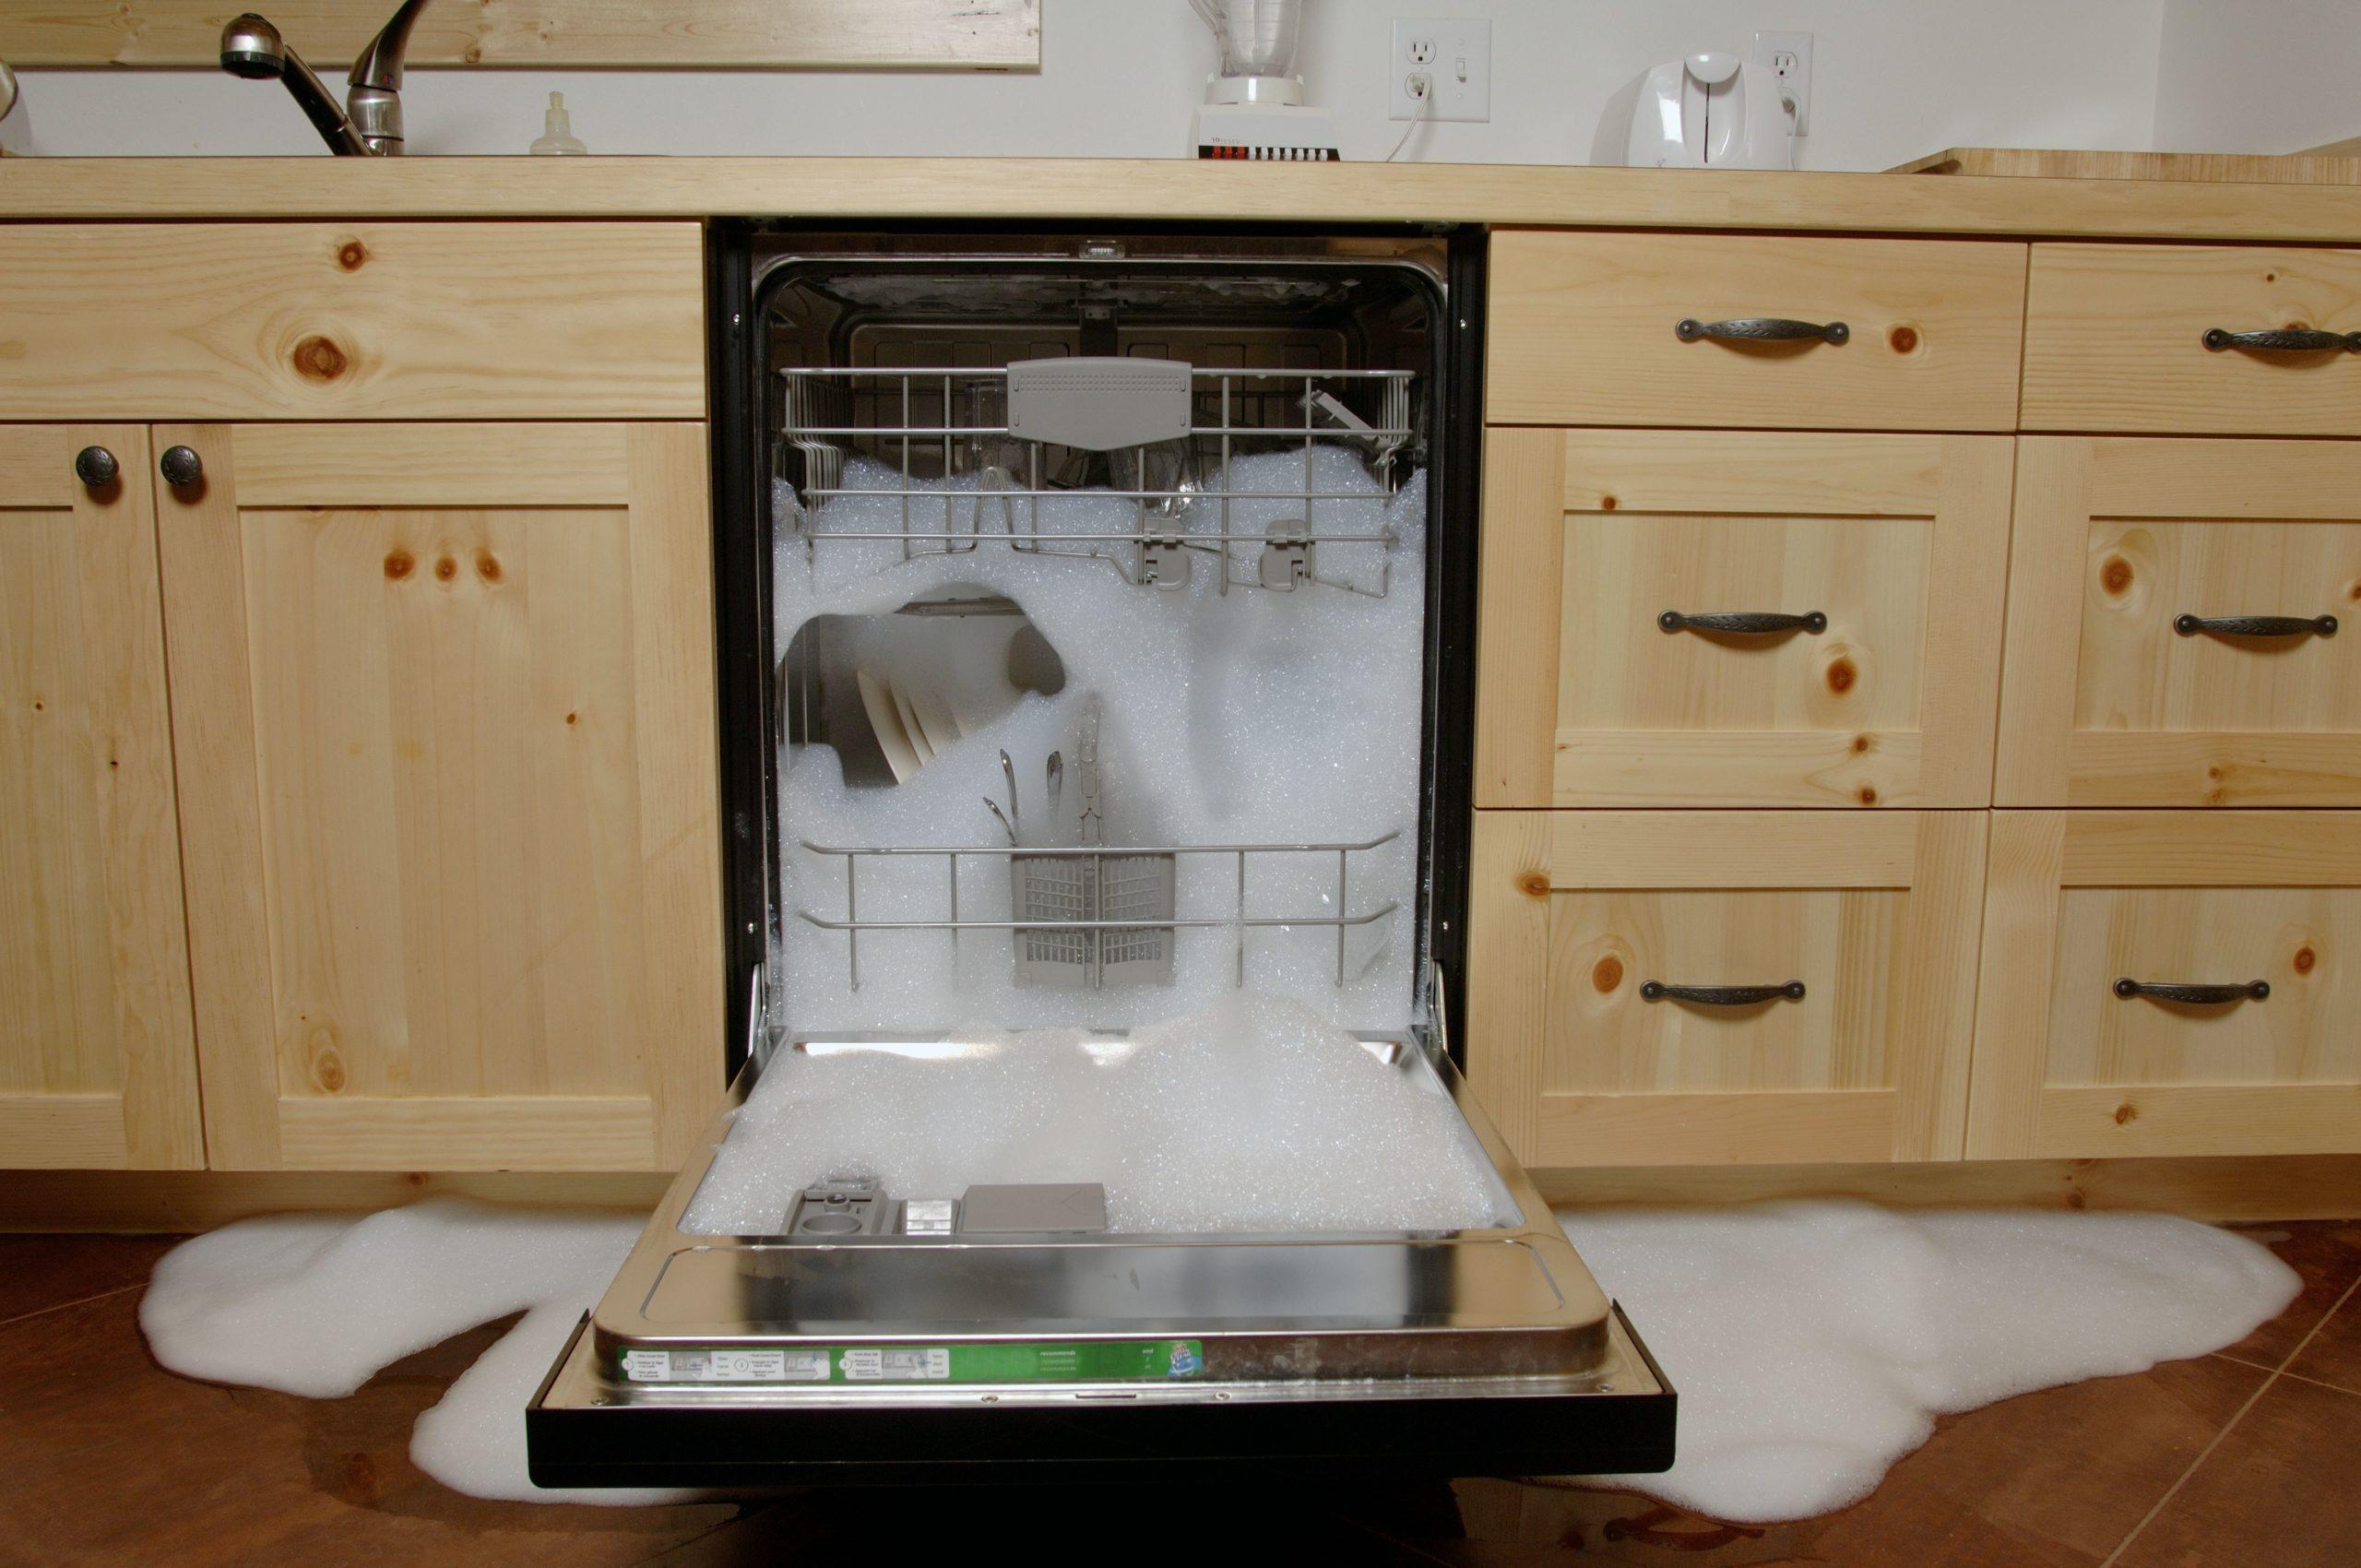 неправильная установка посудомоечной машины